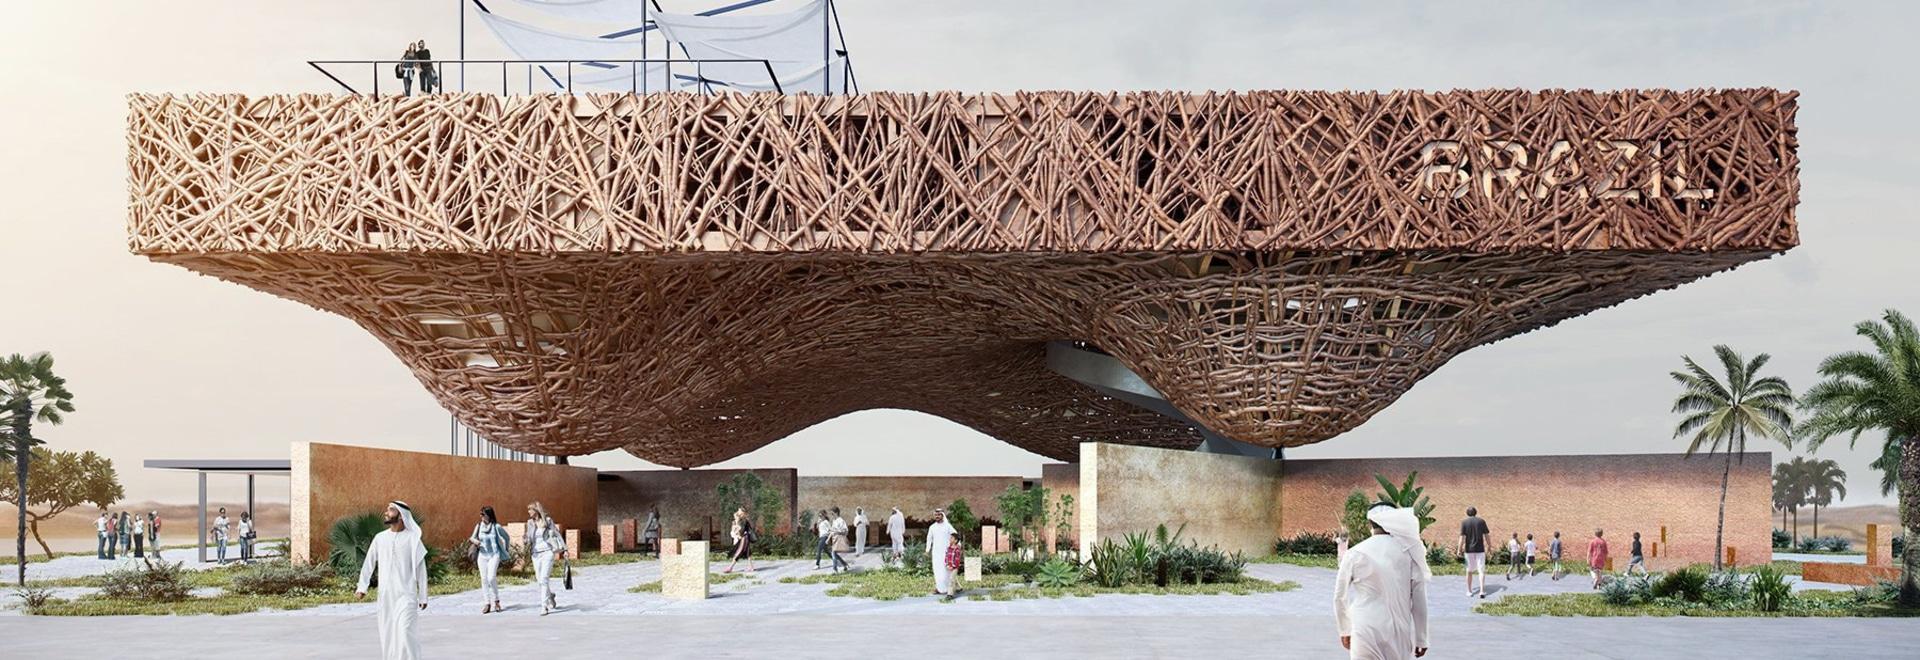 kozlowski + cardia proposer un pavillon de flottement des branches d'arbre pour l'expo 2020 du Dubaï